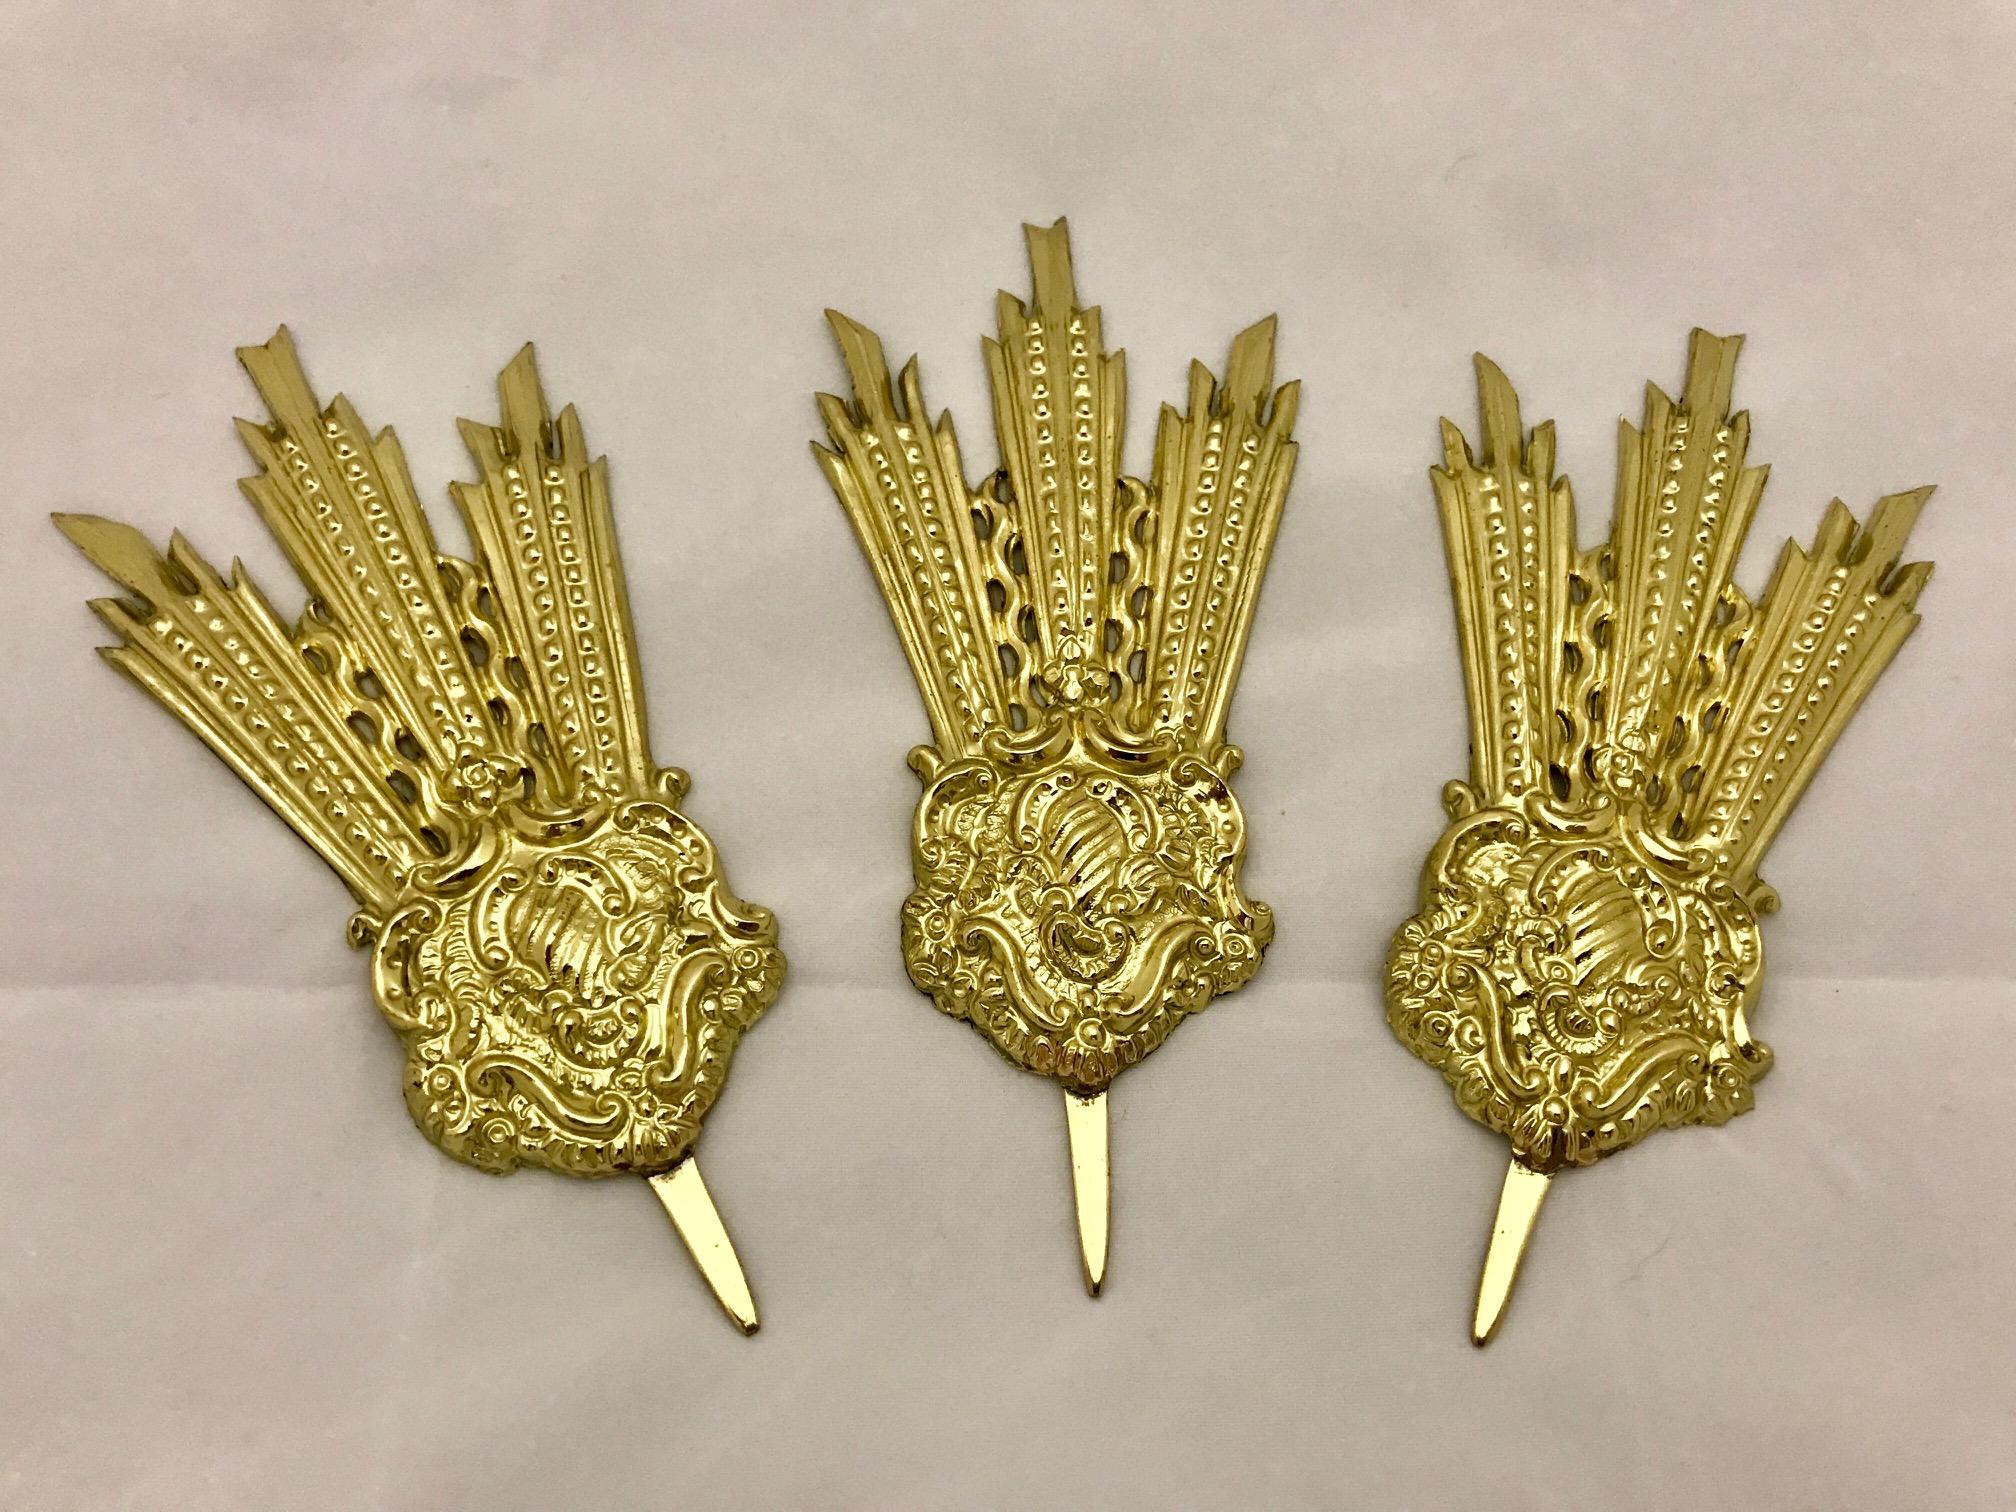 Potencias doradas (15 cms.)